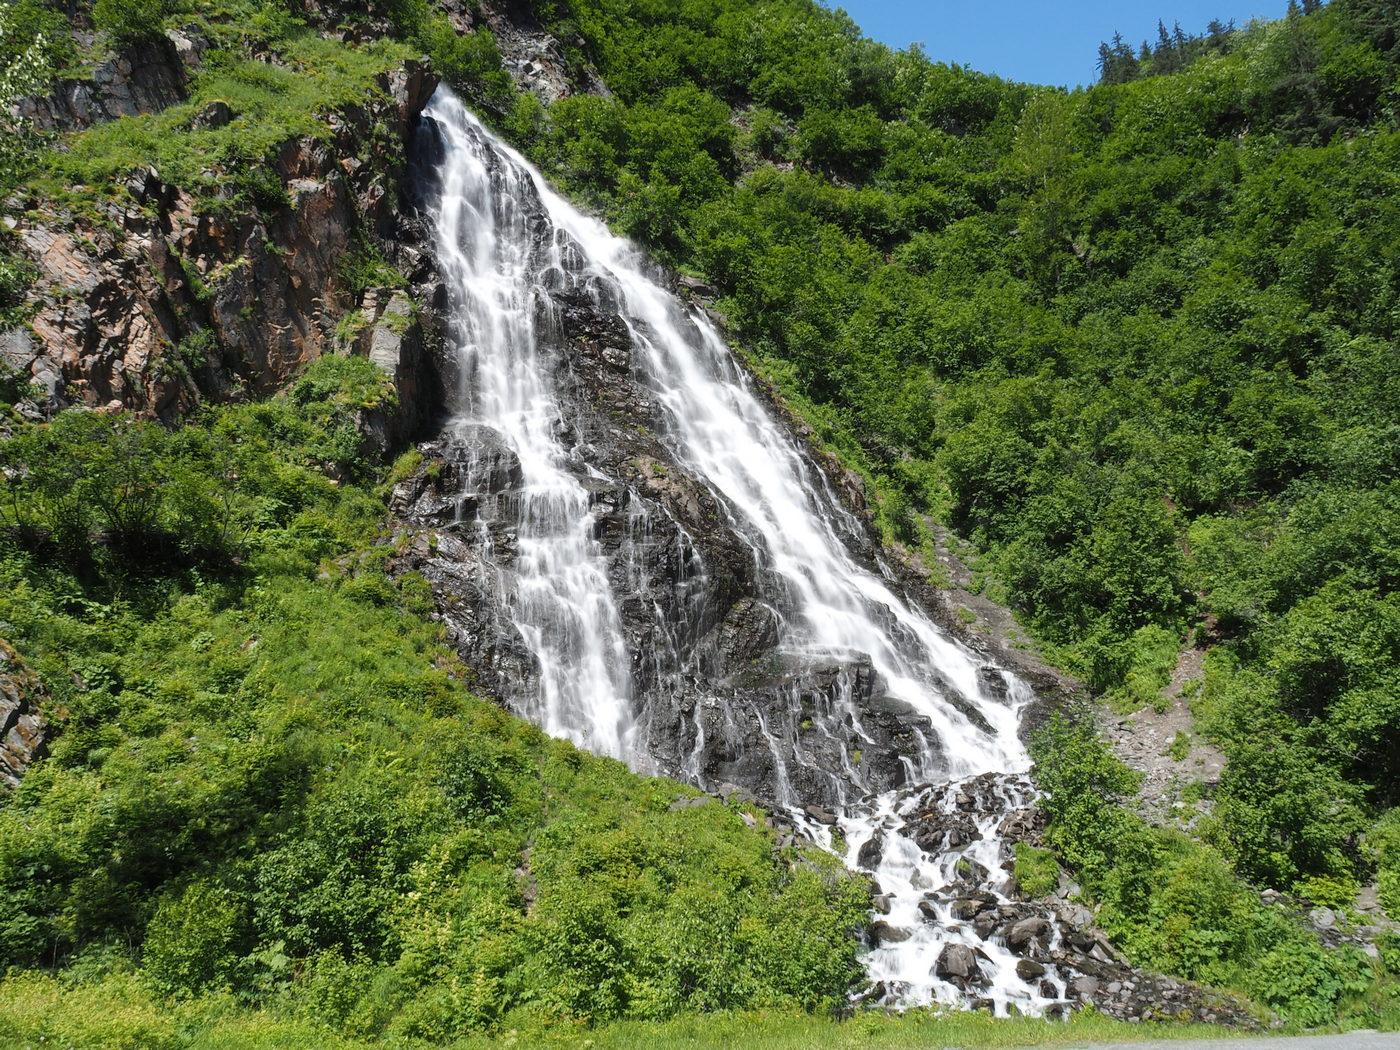 Wasserfall am Thompson Pass